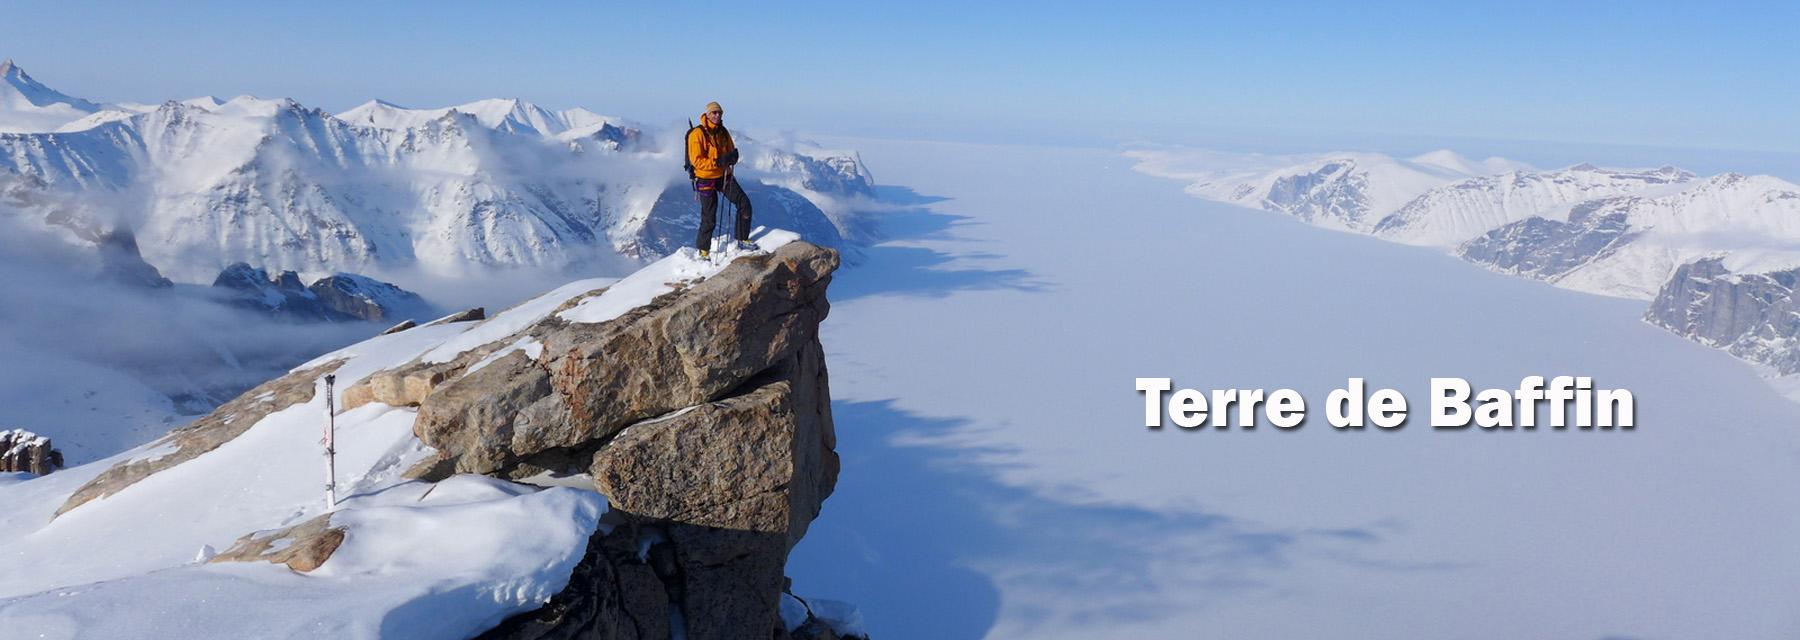 4 Terre Baffin